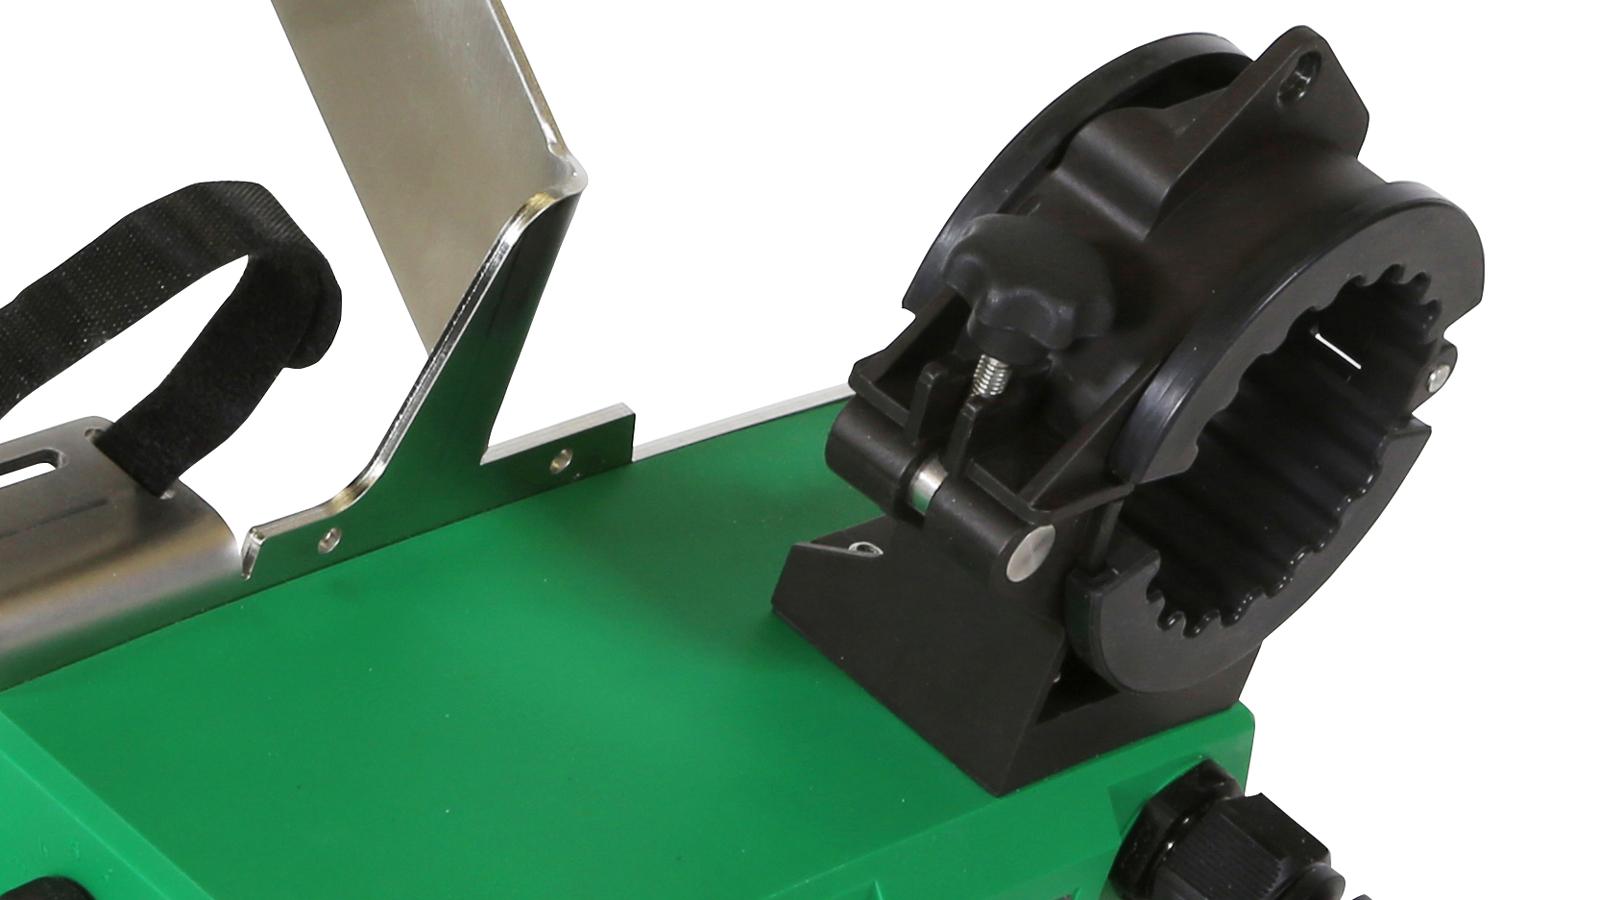 Leister_Hot-air-welder_MINIFLOOR_drive-unit_gallery_2